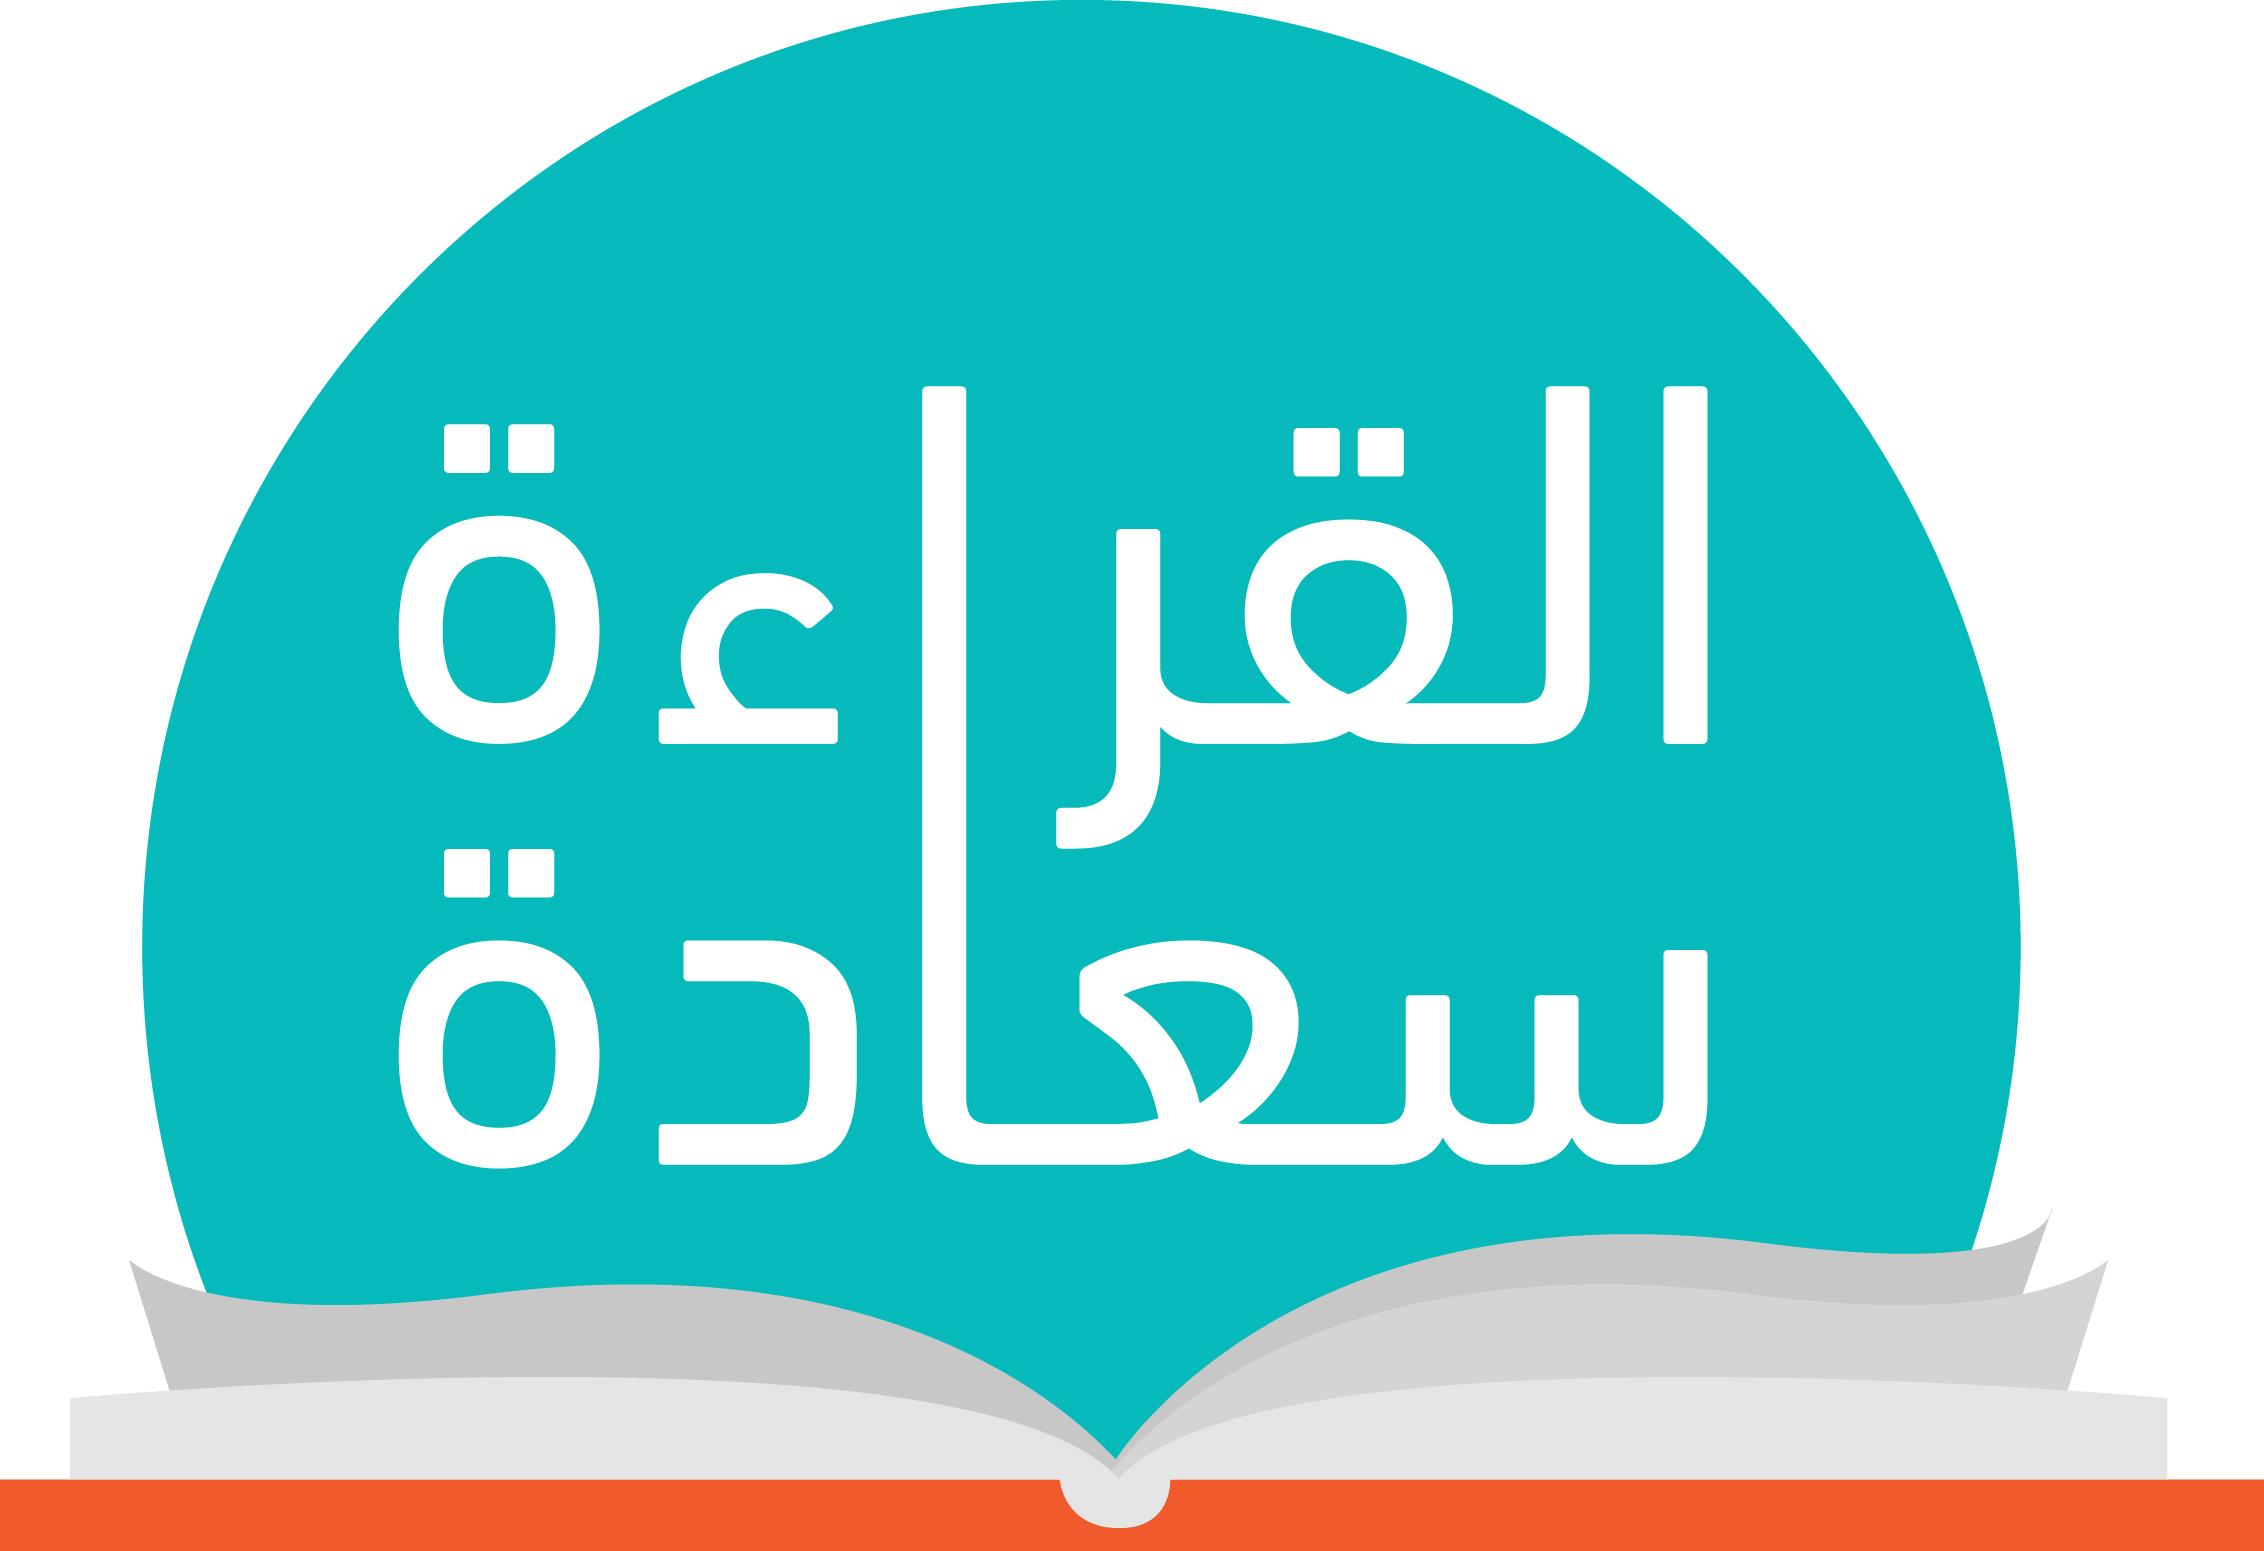 بالصور موضوع تعبير عن القراءة , اجمل تعبير عن القراءة واهميتها 5847 1